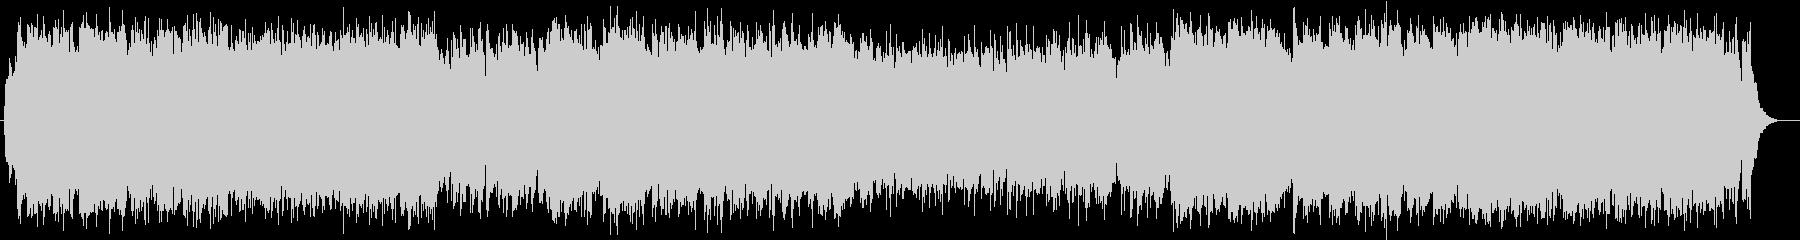 シンセサイザーによる壮大な楽曲の未再生の波形